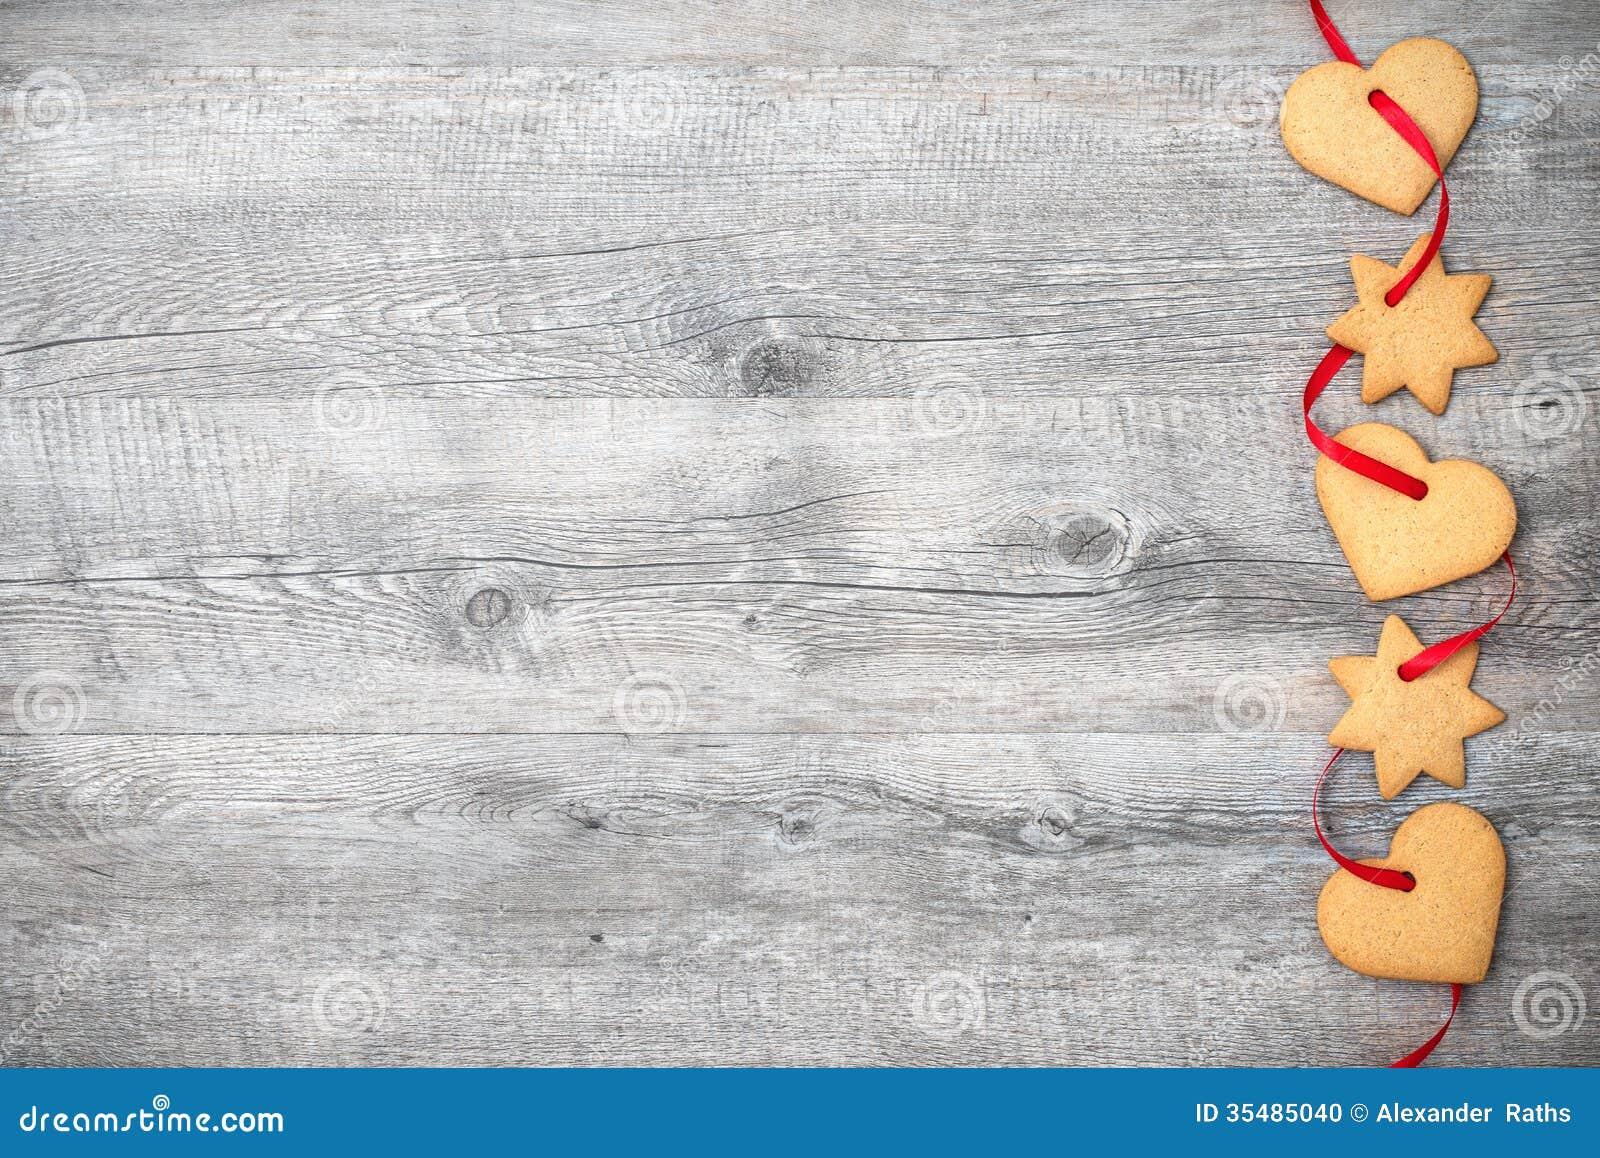 Weihnachtsplätzchen mit rotem Band